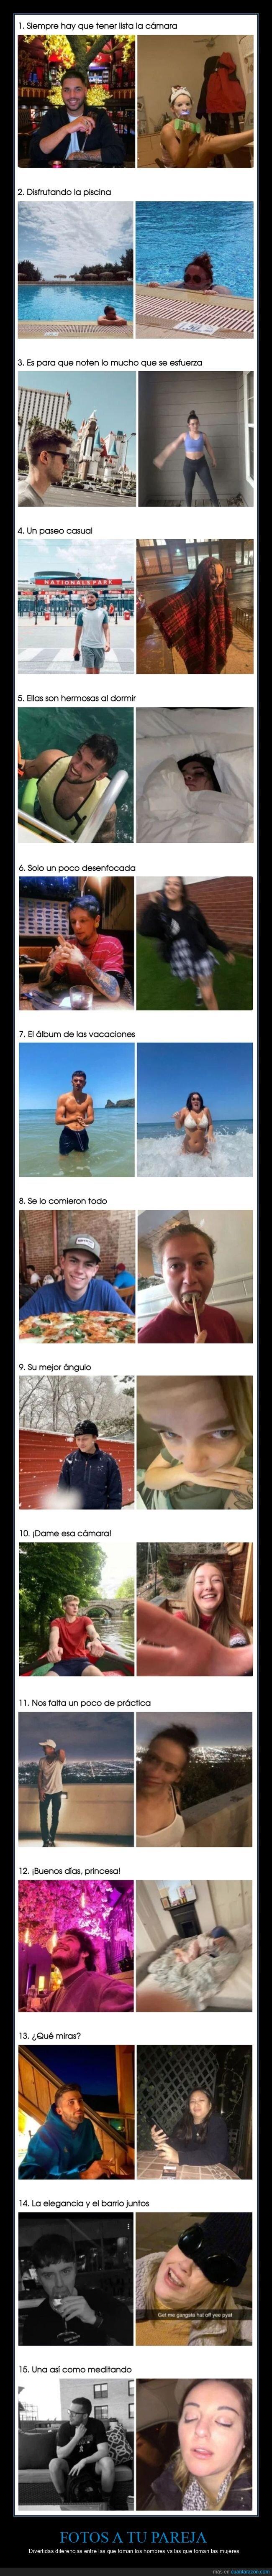 fotos,hombres,mujeres,parejas